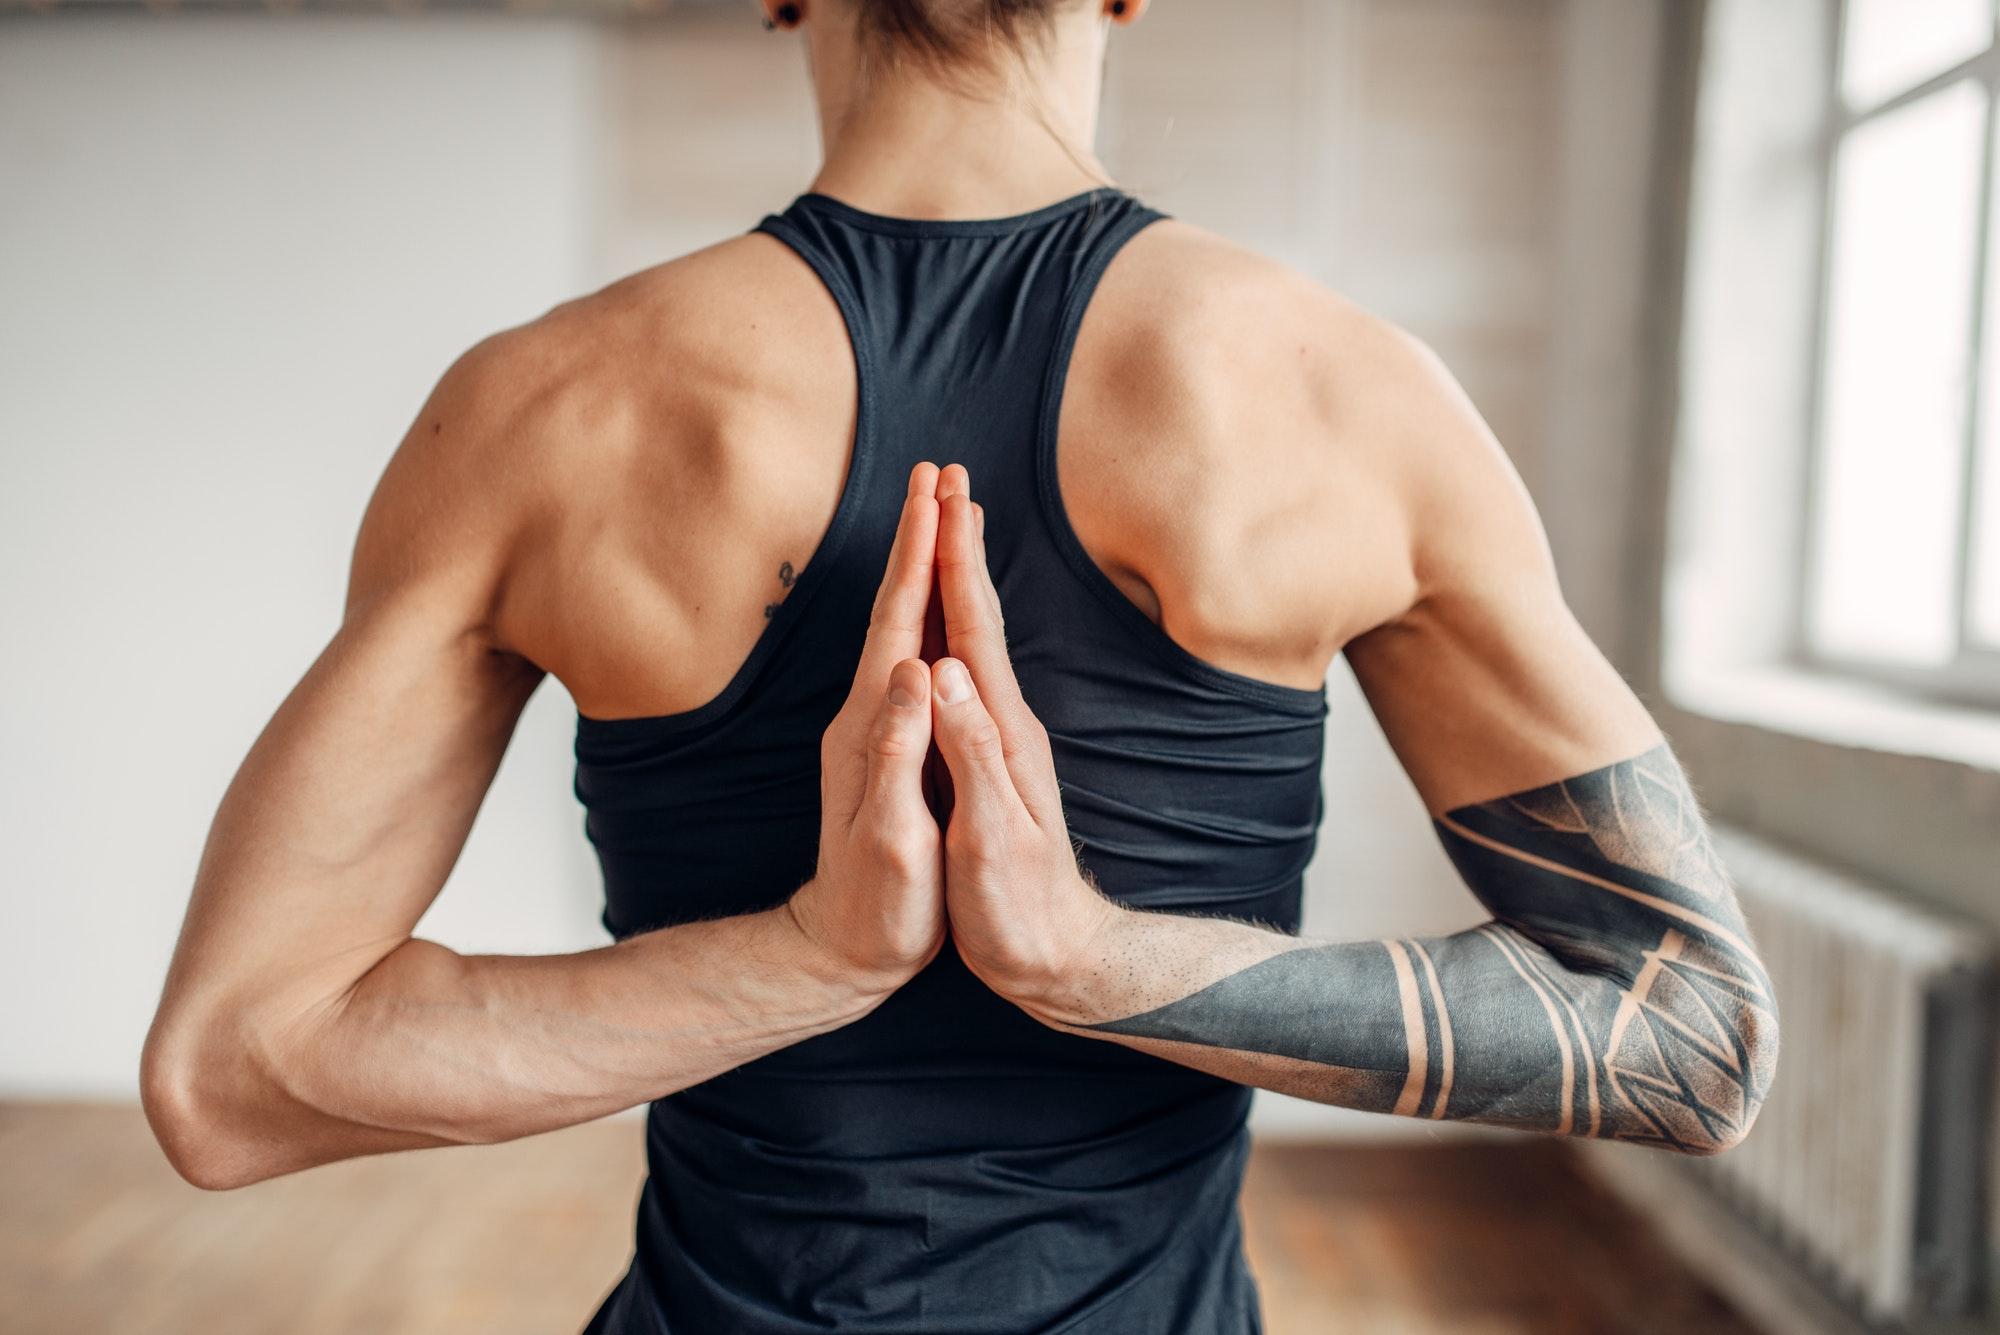 Male yoga on training, flexibility of human body